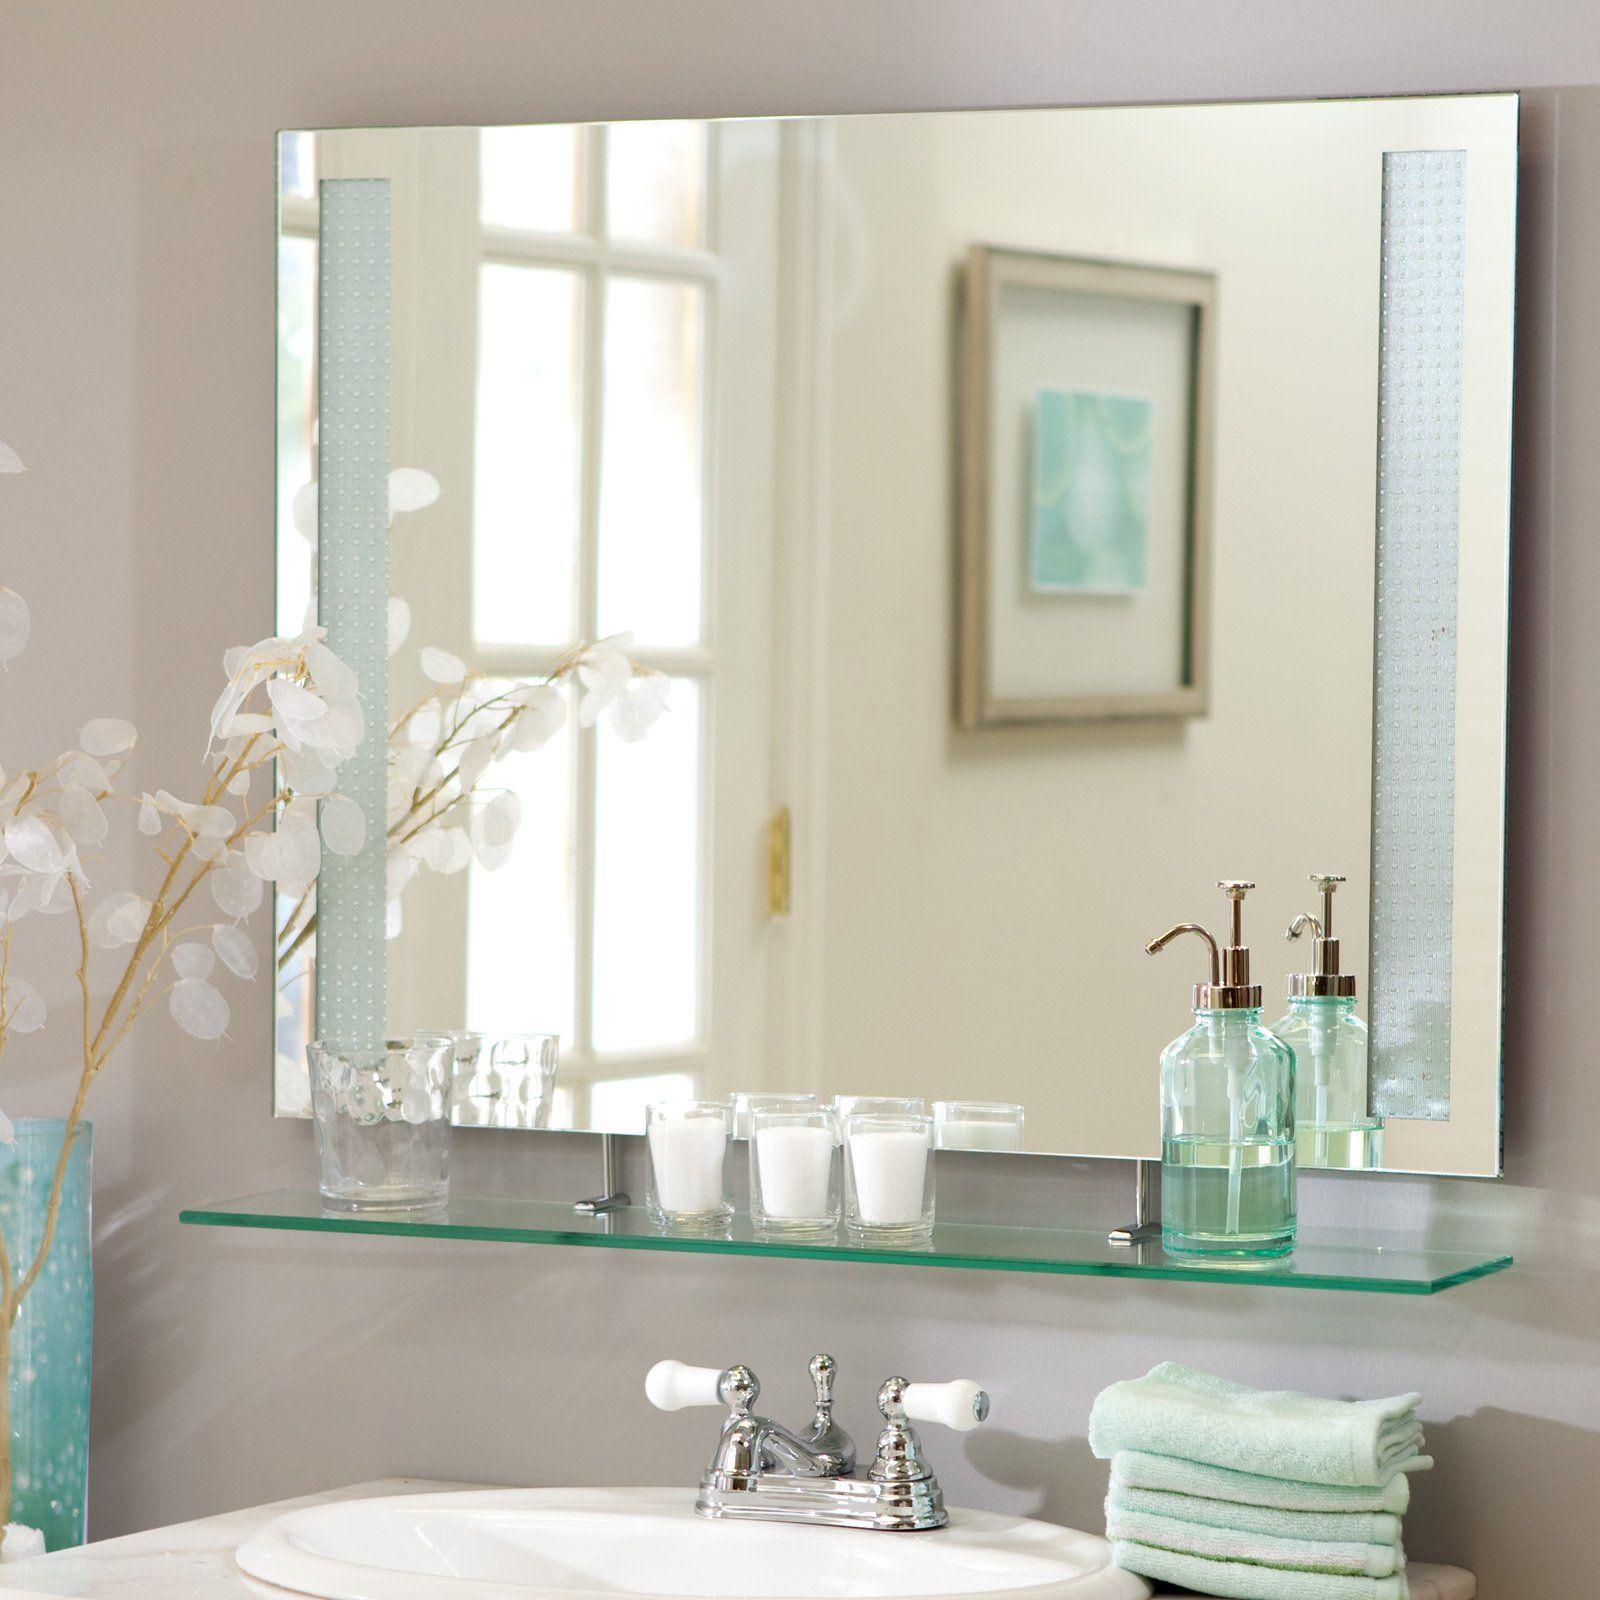 Frameless Roxi Wall Mirror With Shelf   31.5W X 23.6